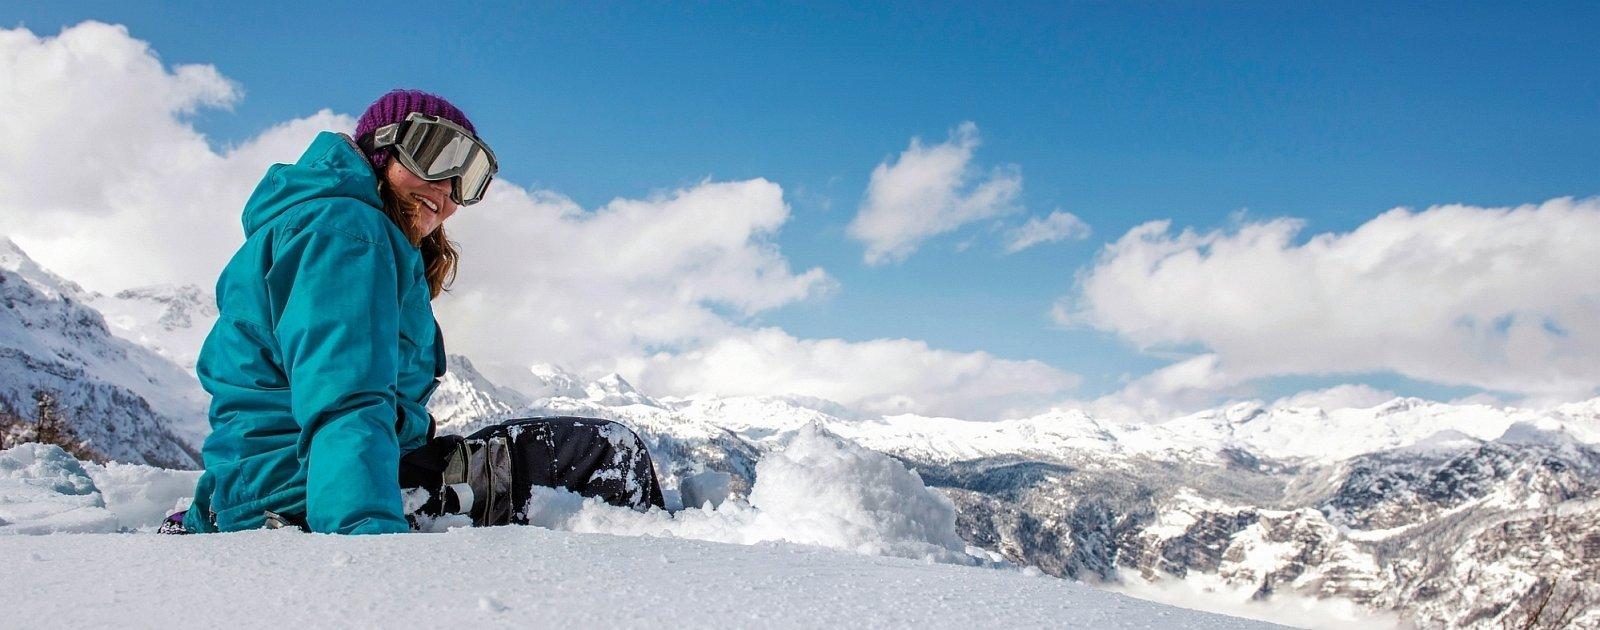 Snowboarderin im Naturschneegebiet Vogel